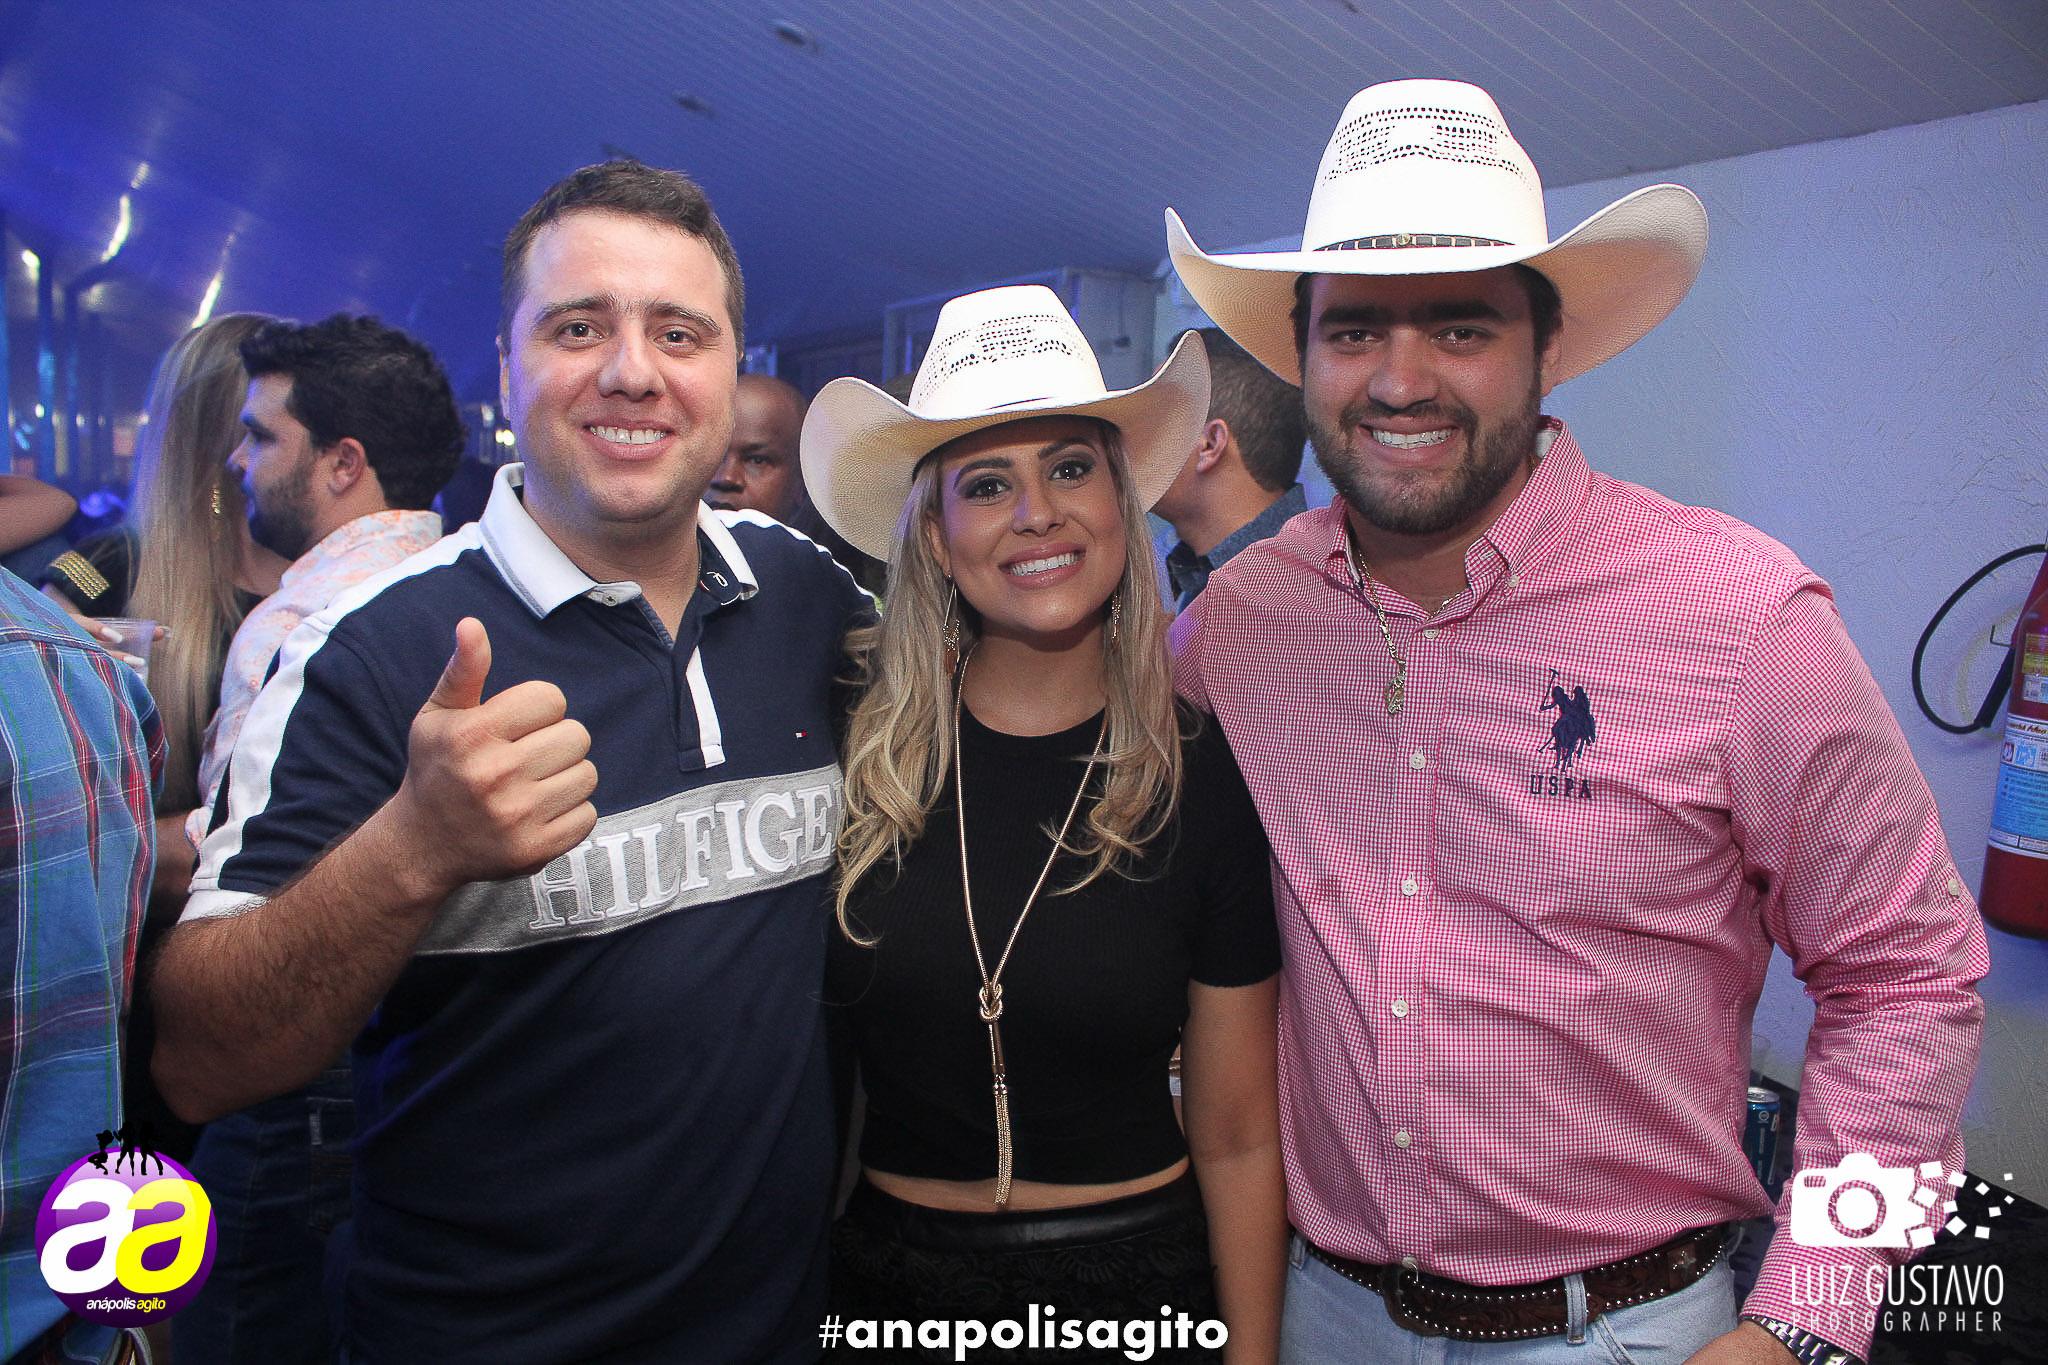 Luiz Gustavo-64